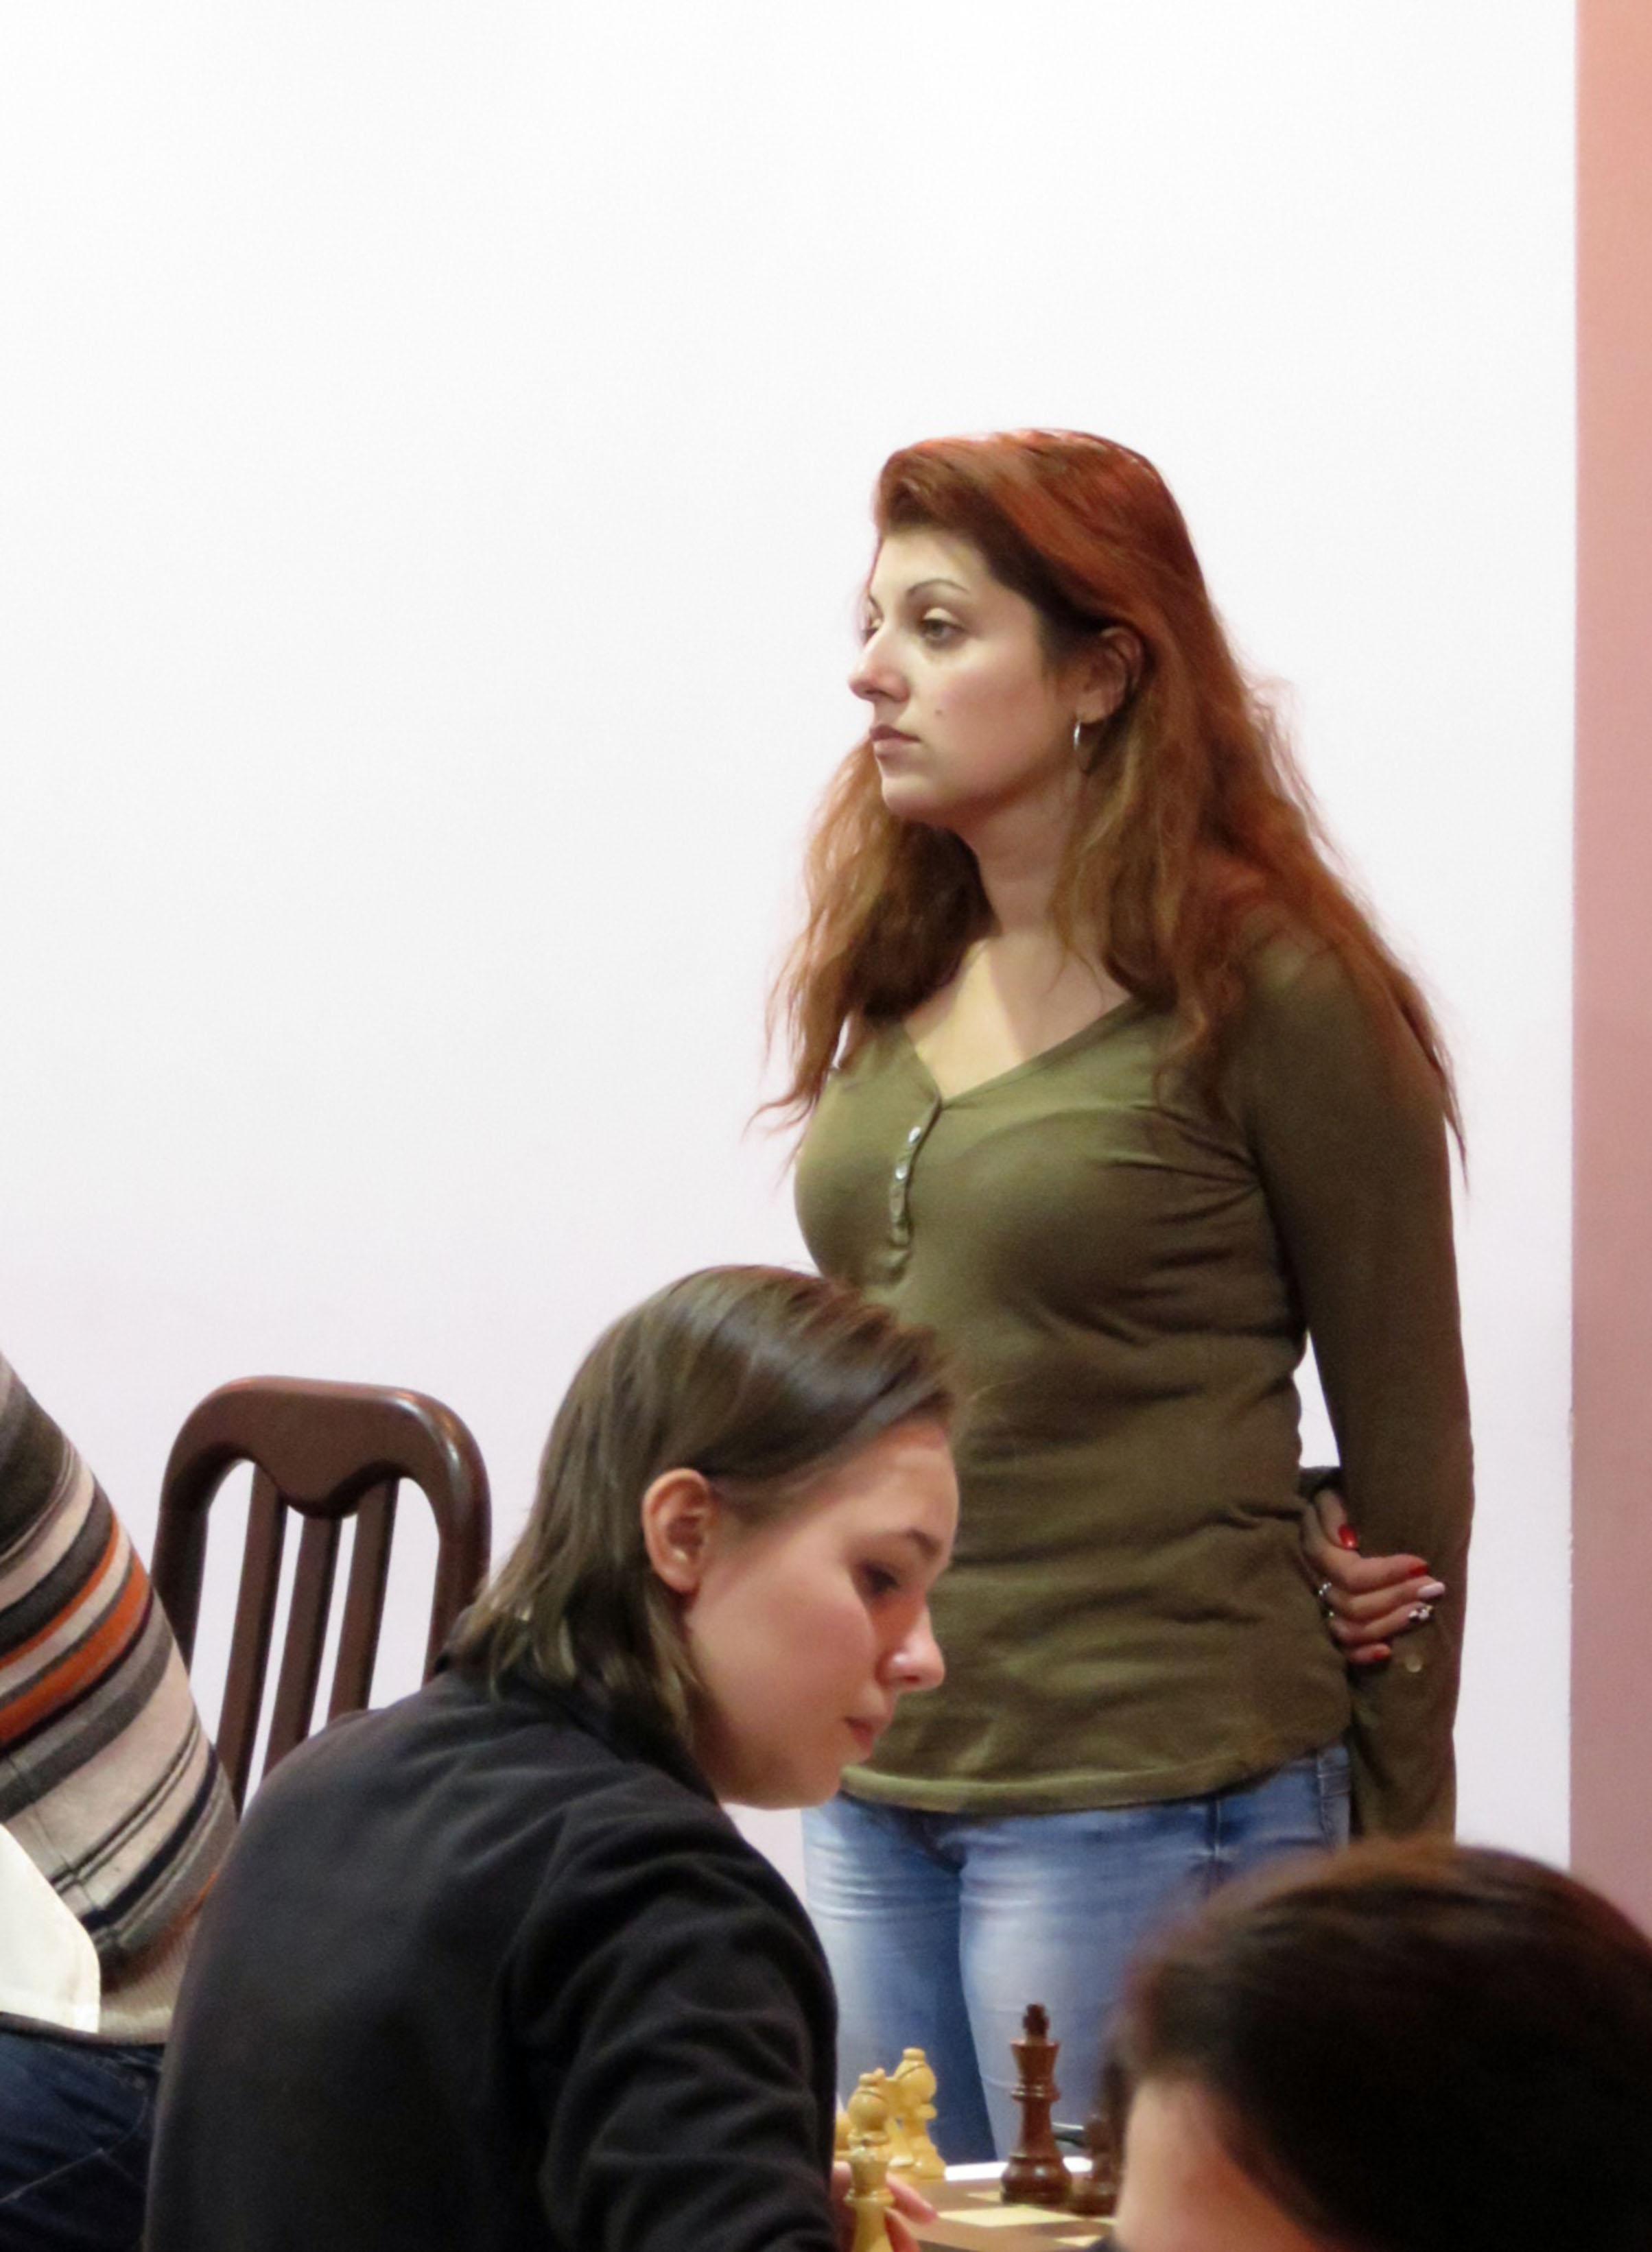 evgeniya_doluhanova_chukr_2014-1.jpg